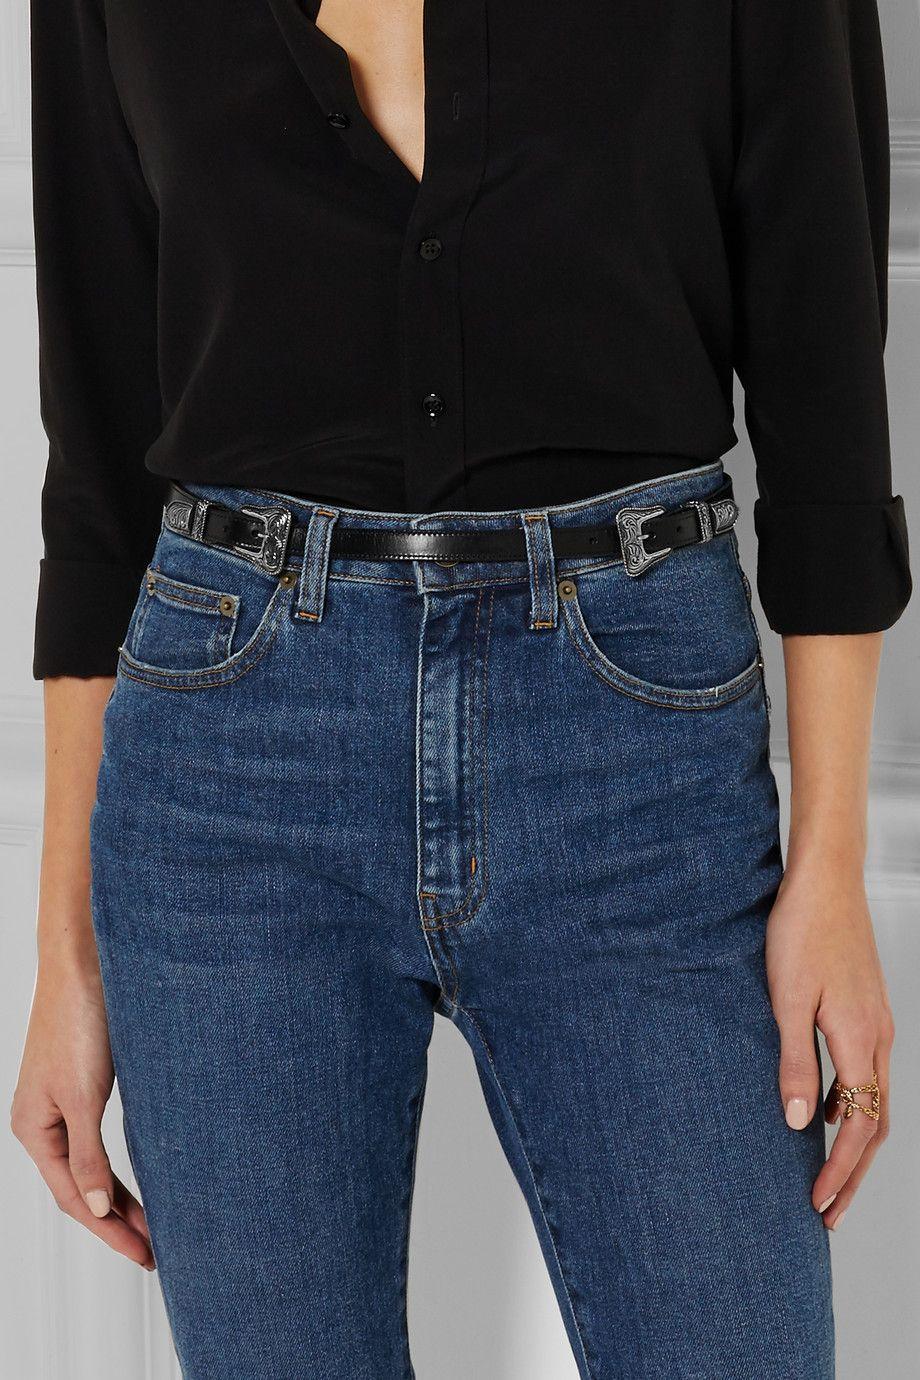 Saint Laurent | Leather belt